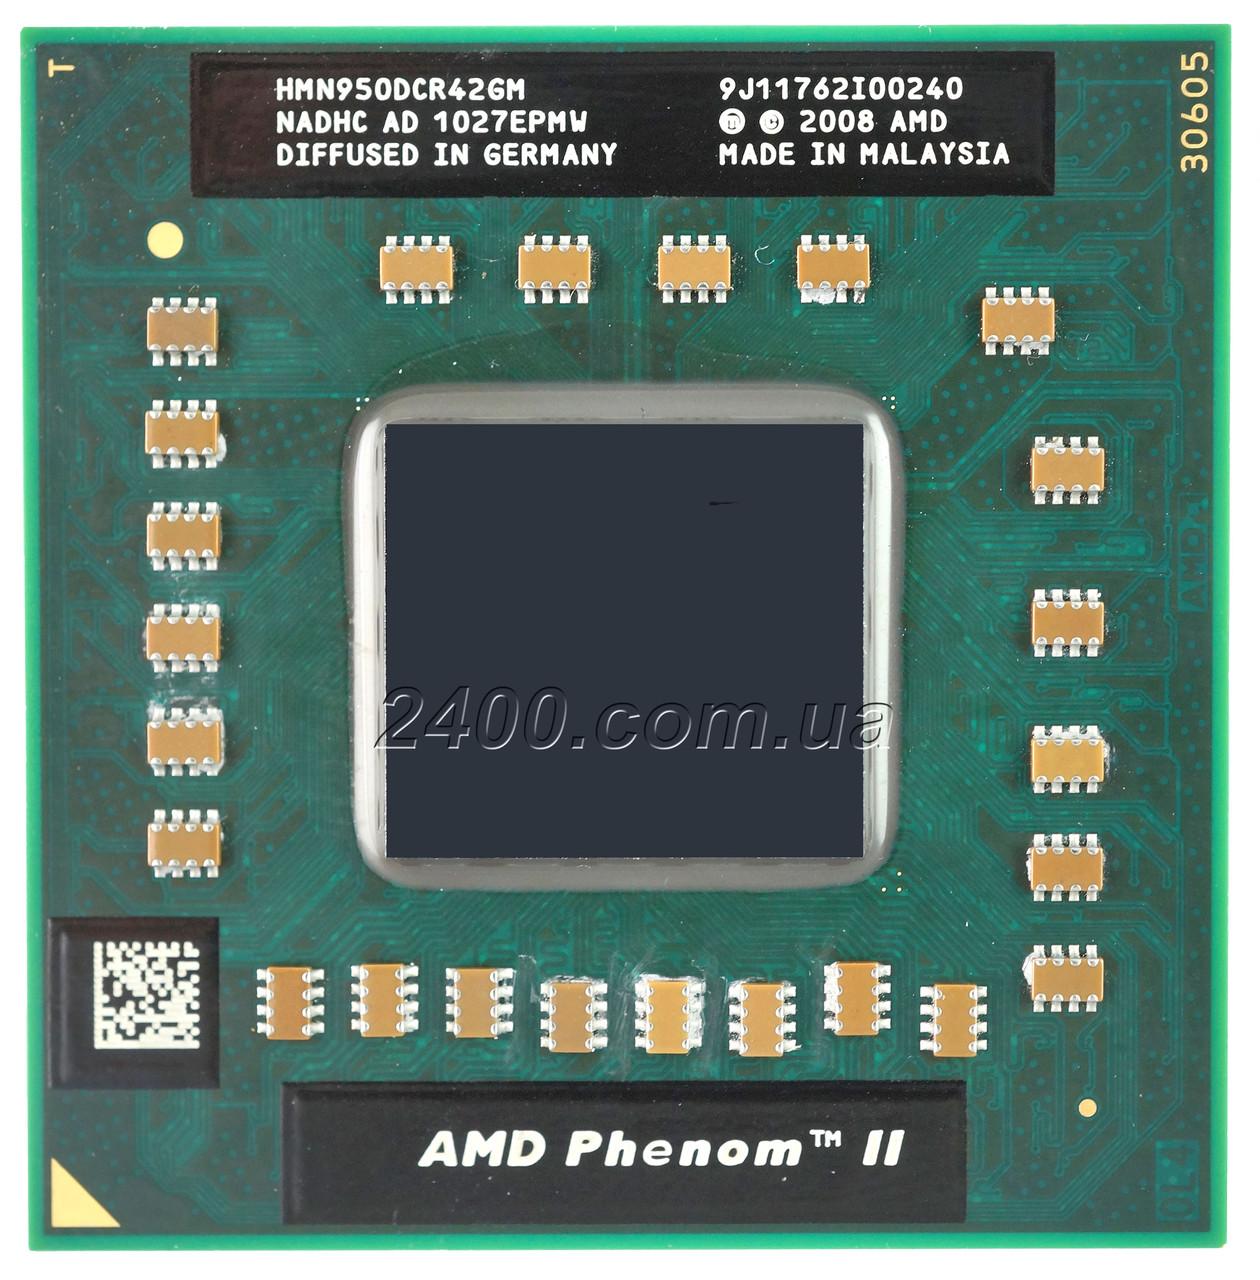 Процессор AMD Phenom II X4 N 950 2.1 GHz Socket S1 (S1g4) для ноутбука HMN950DCR42GM